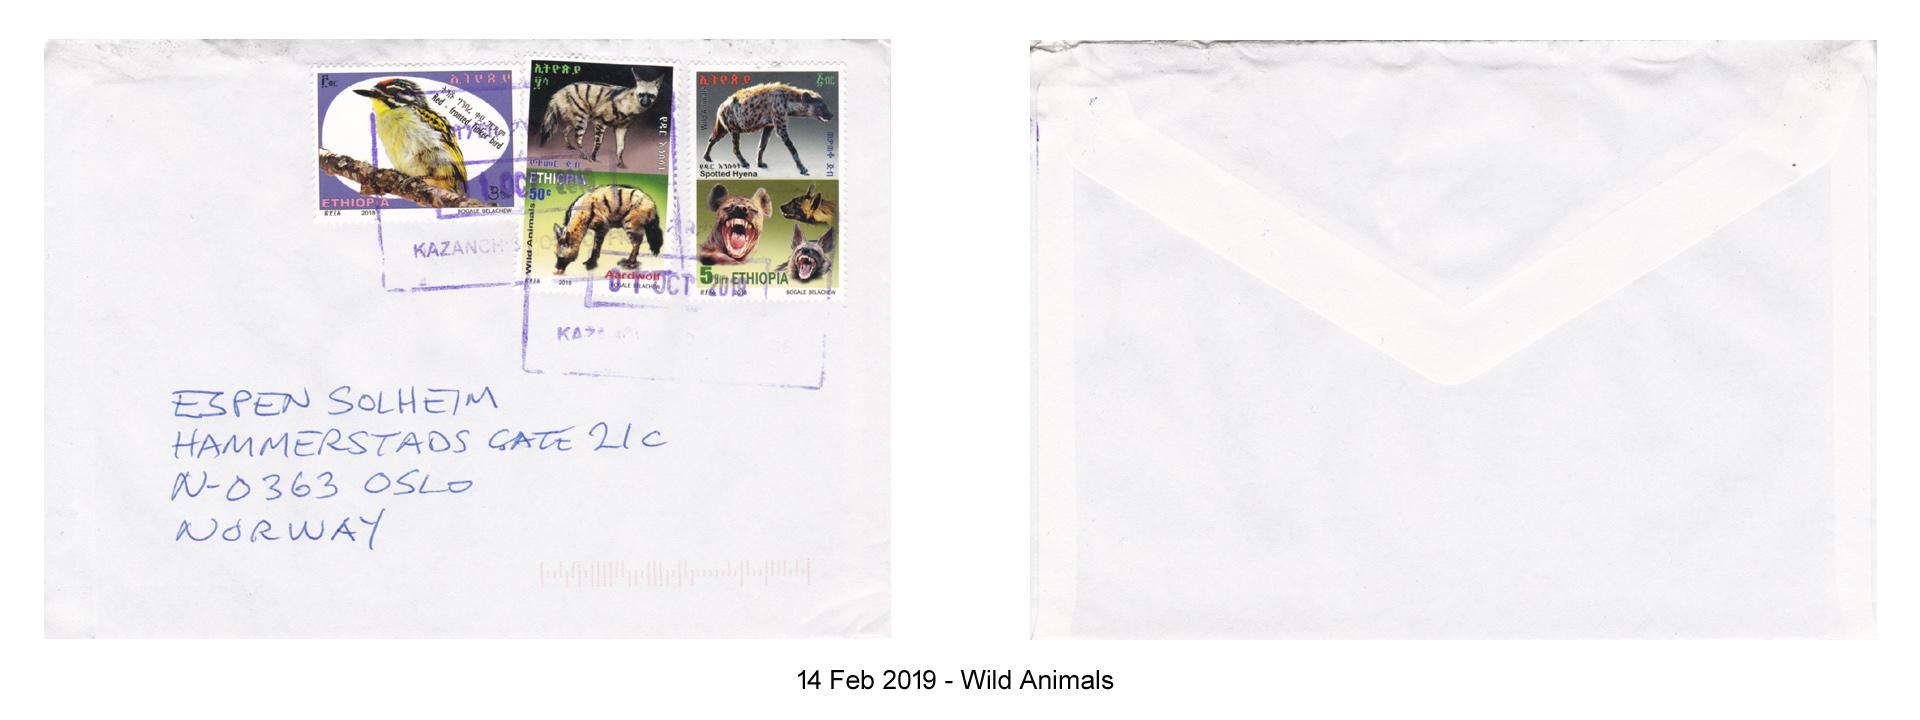 20190214 - Wild Animals